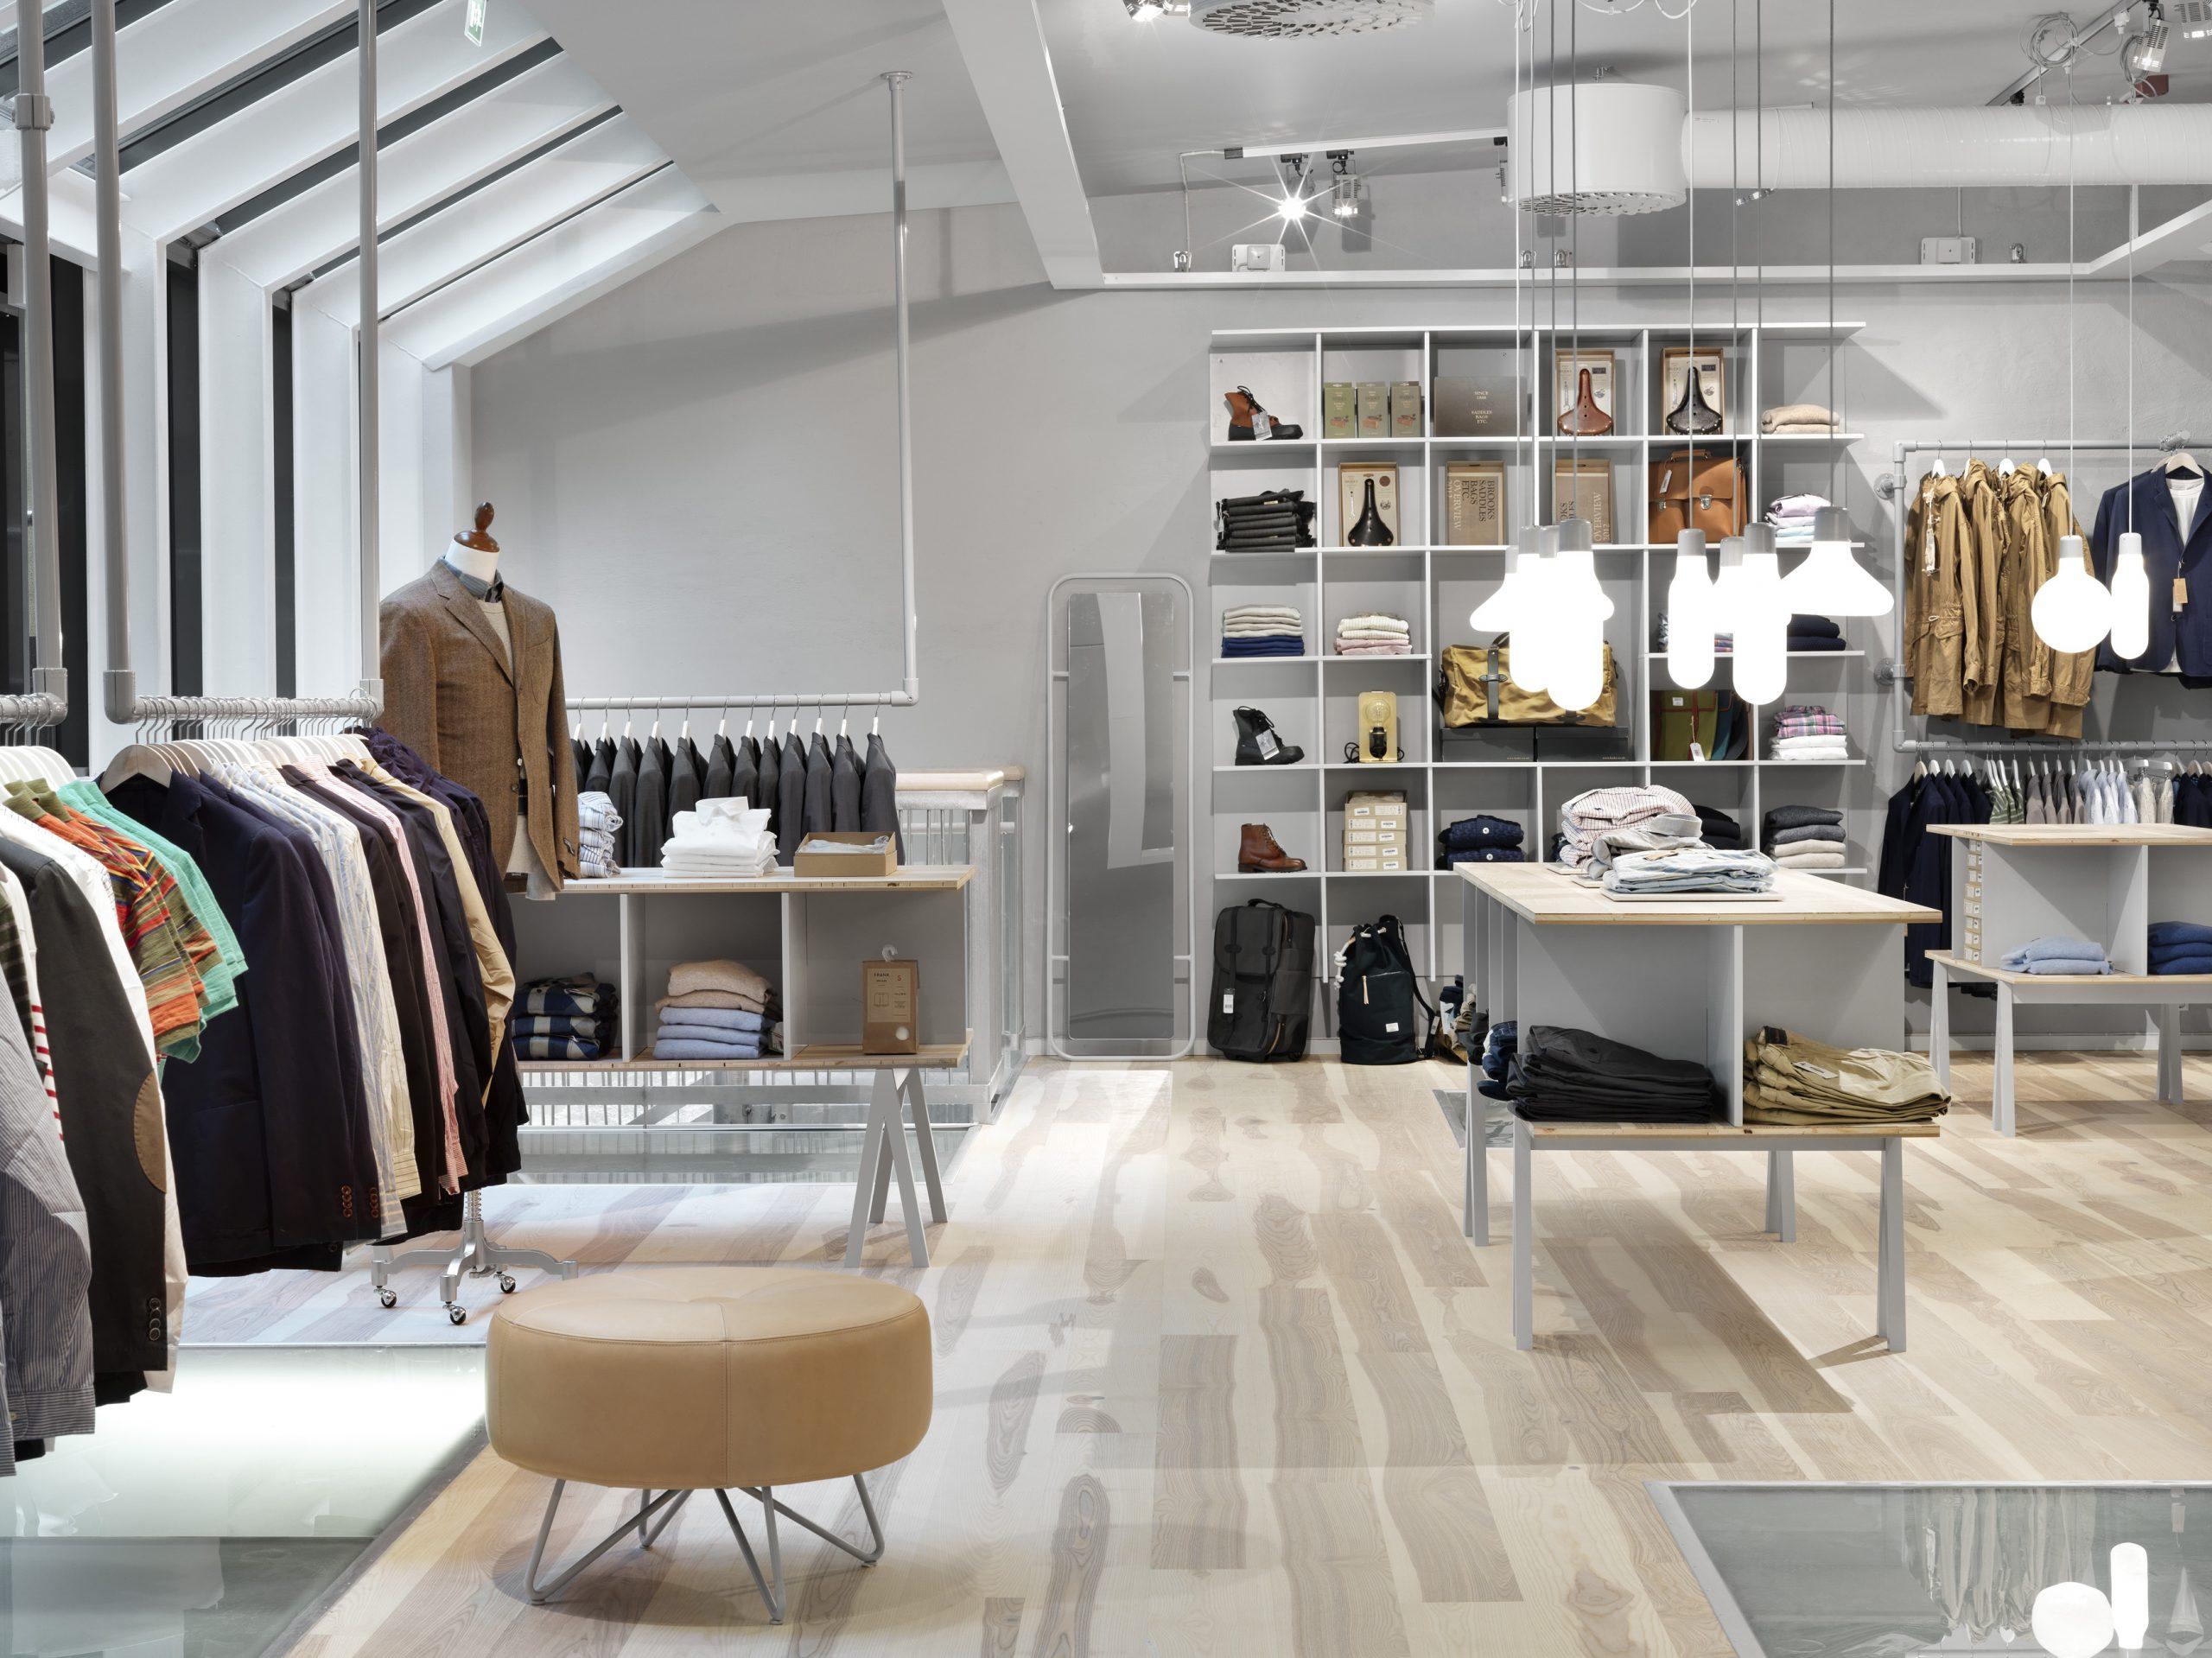 4 vật dụng cần thiết khi mở cửa hàng thời trang